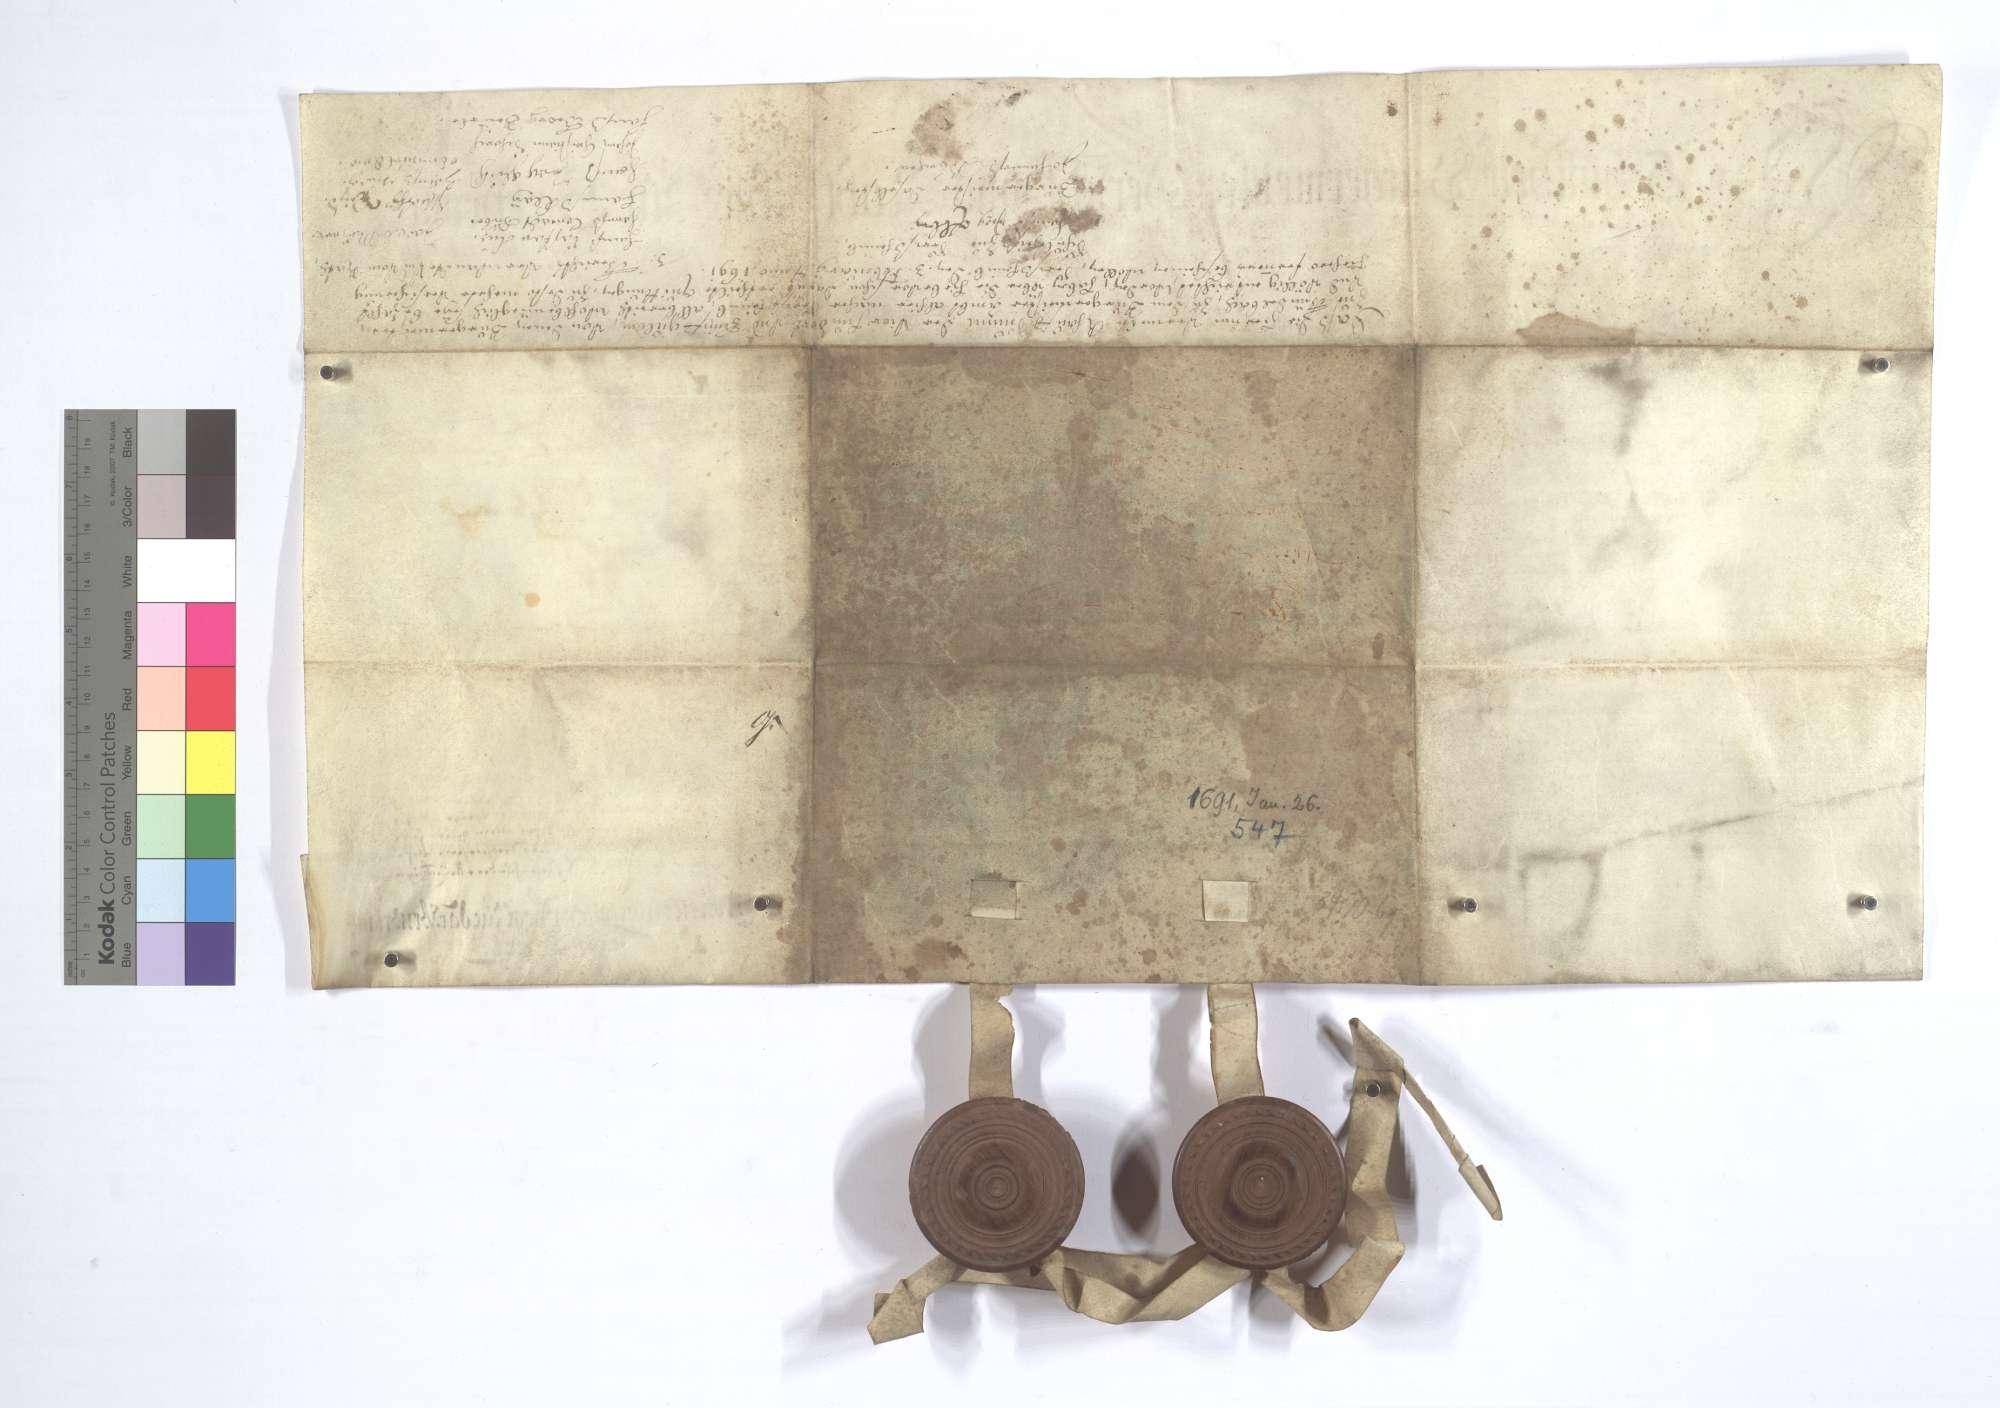 Erneuerung eines Kaufbriefs über den Verkauf eines Anteils vom Wald Hamberg seitens der Gemeinde Sersheim an die Gemeinde Gündelbach., Rückseite